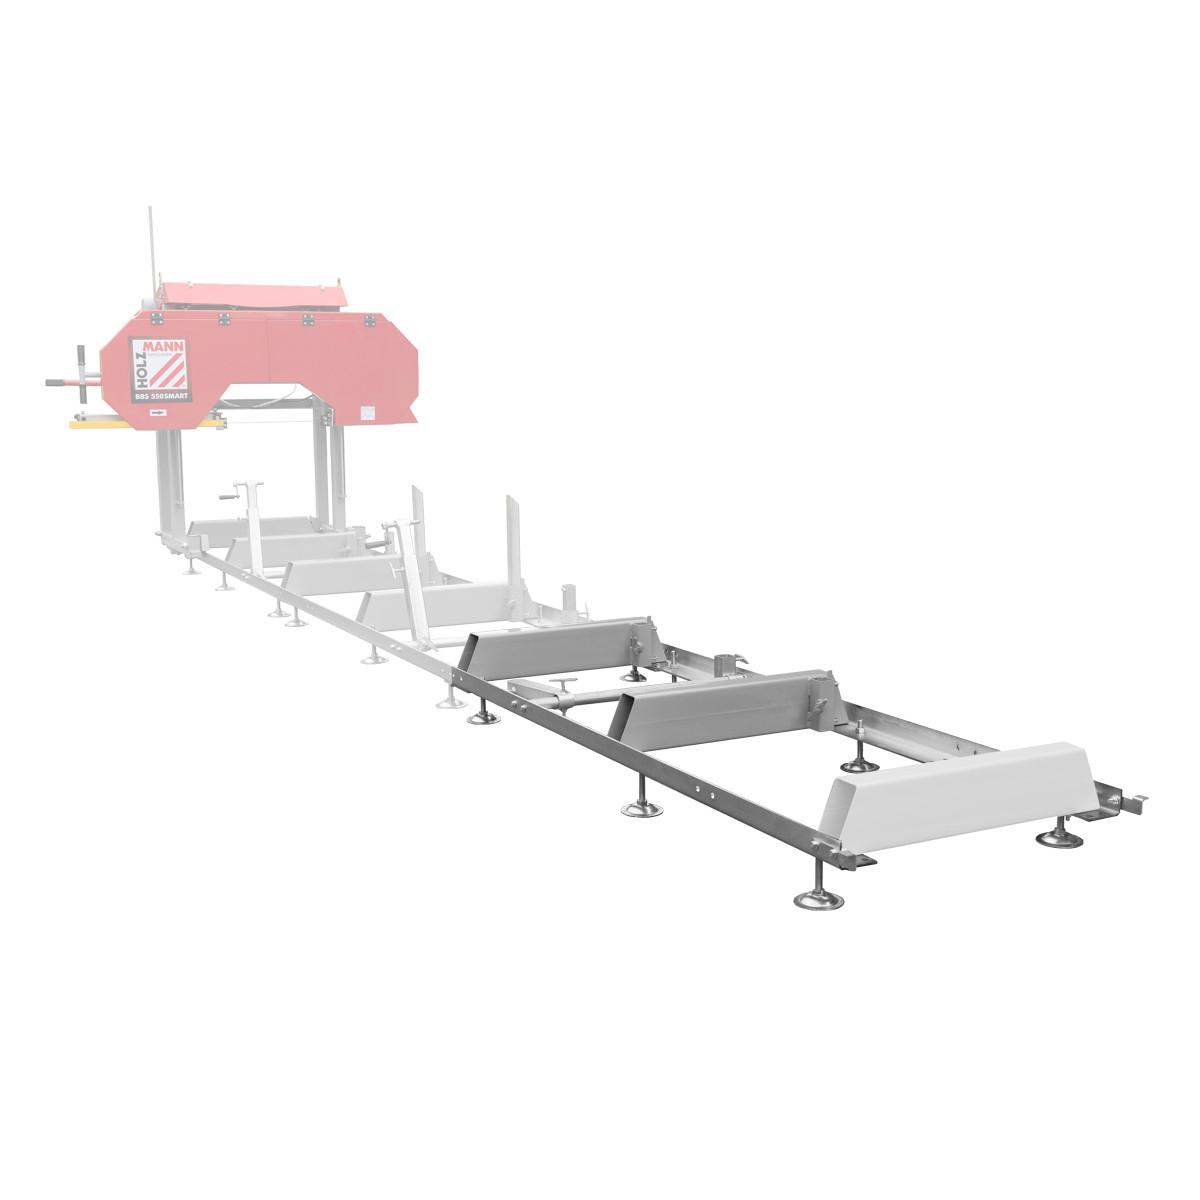 Удлинительный модуль к пилораме Holzmann BBS 550SMART_RB